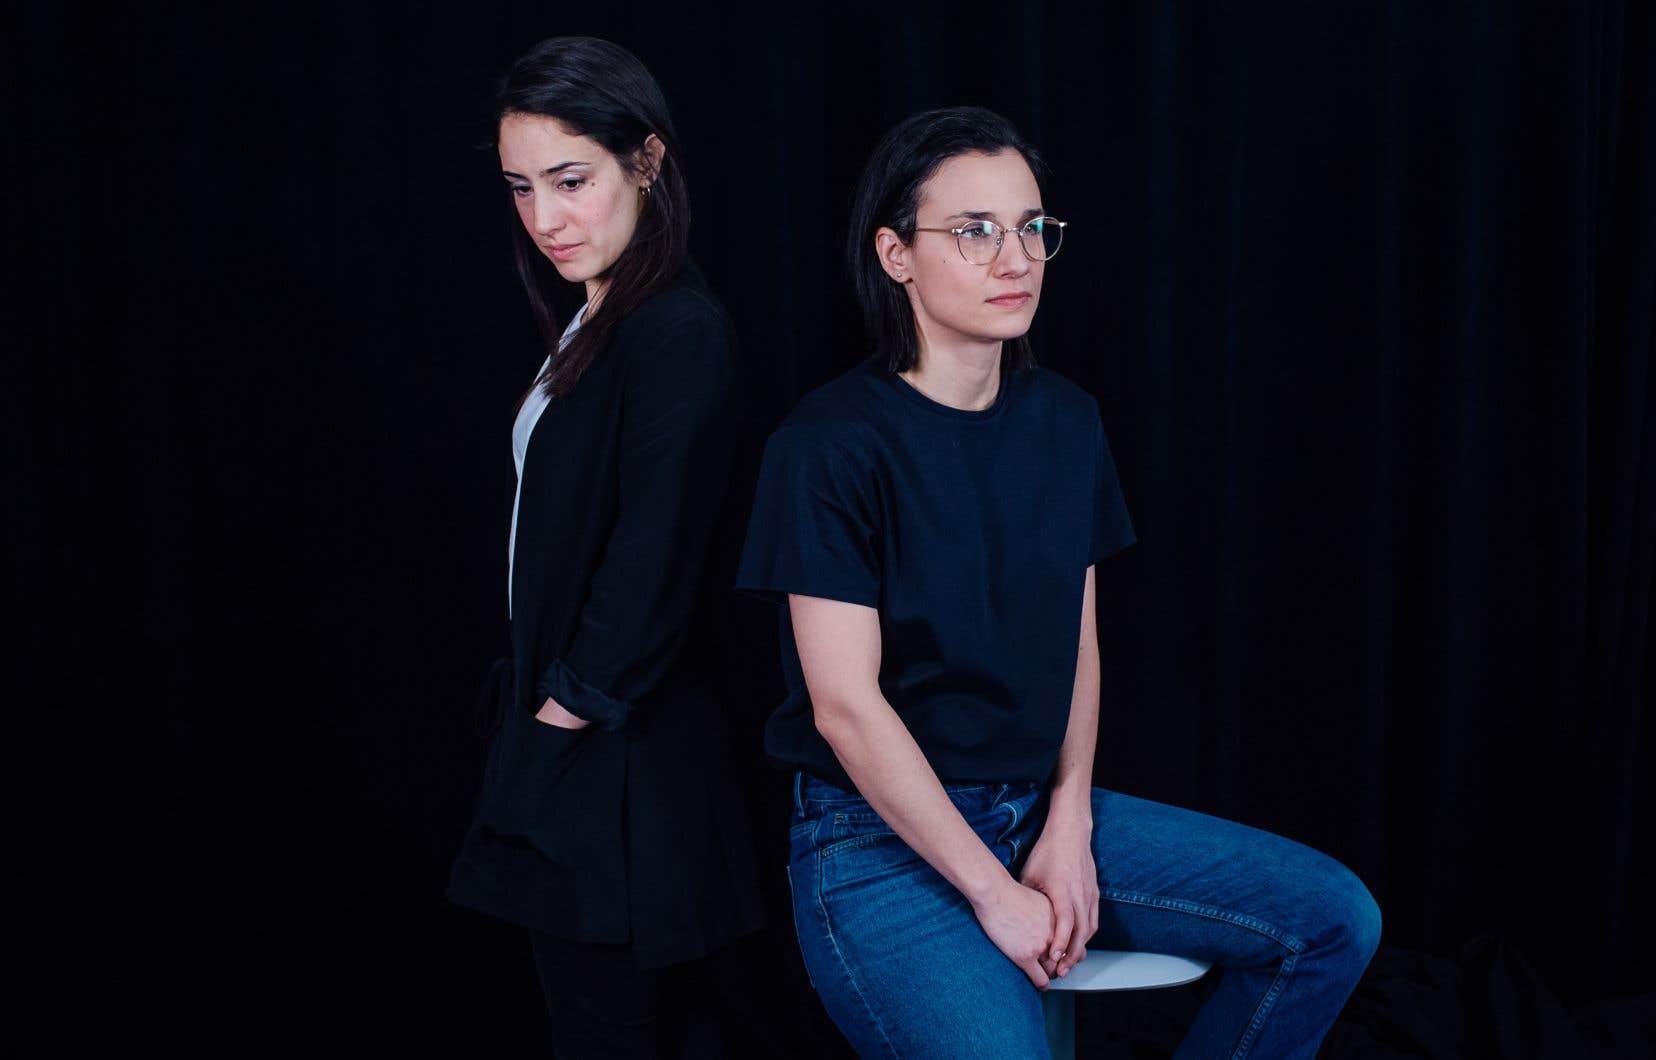 La rencontre entre la dramaturge Nathalie Doummar (à gauche) et la cinéaste et metteure en scène Chloé Robichaud s'est faite naturellement, par affinité pour leurs univers respectifs, et leur collaboration n'est pas près de s'arrêter, à en croire les deux femmes.